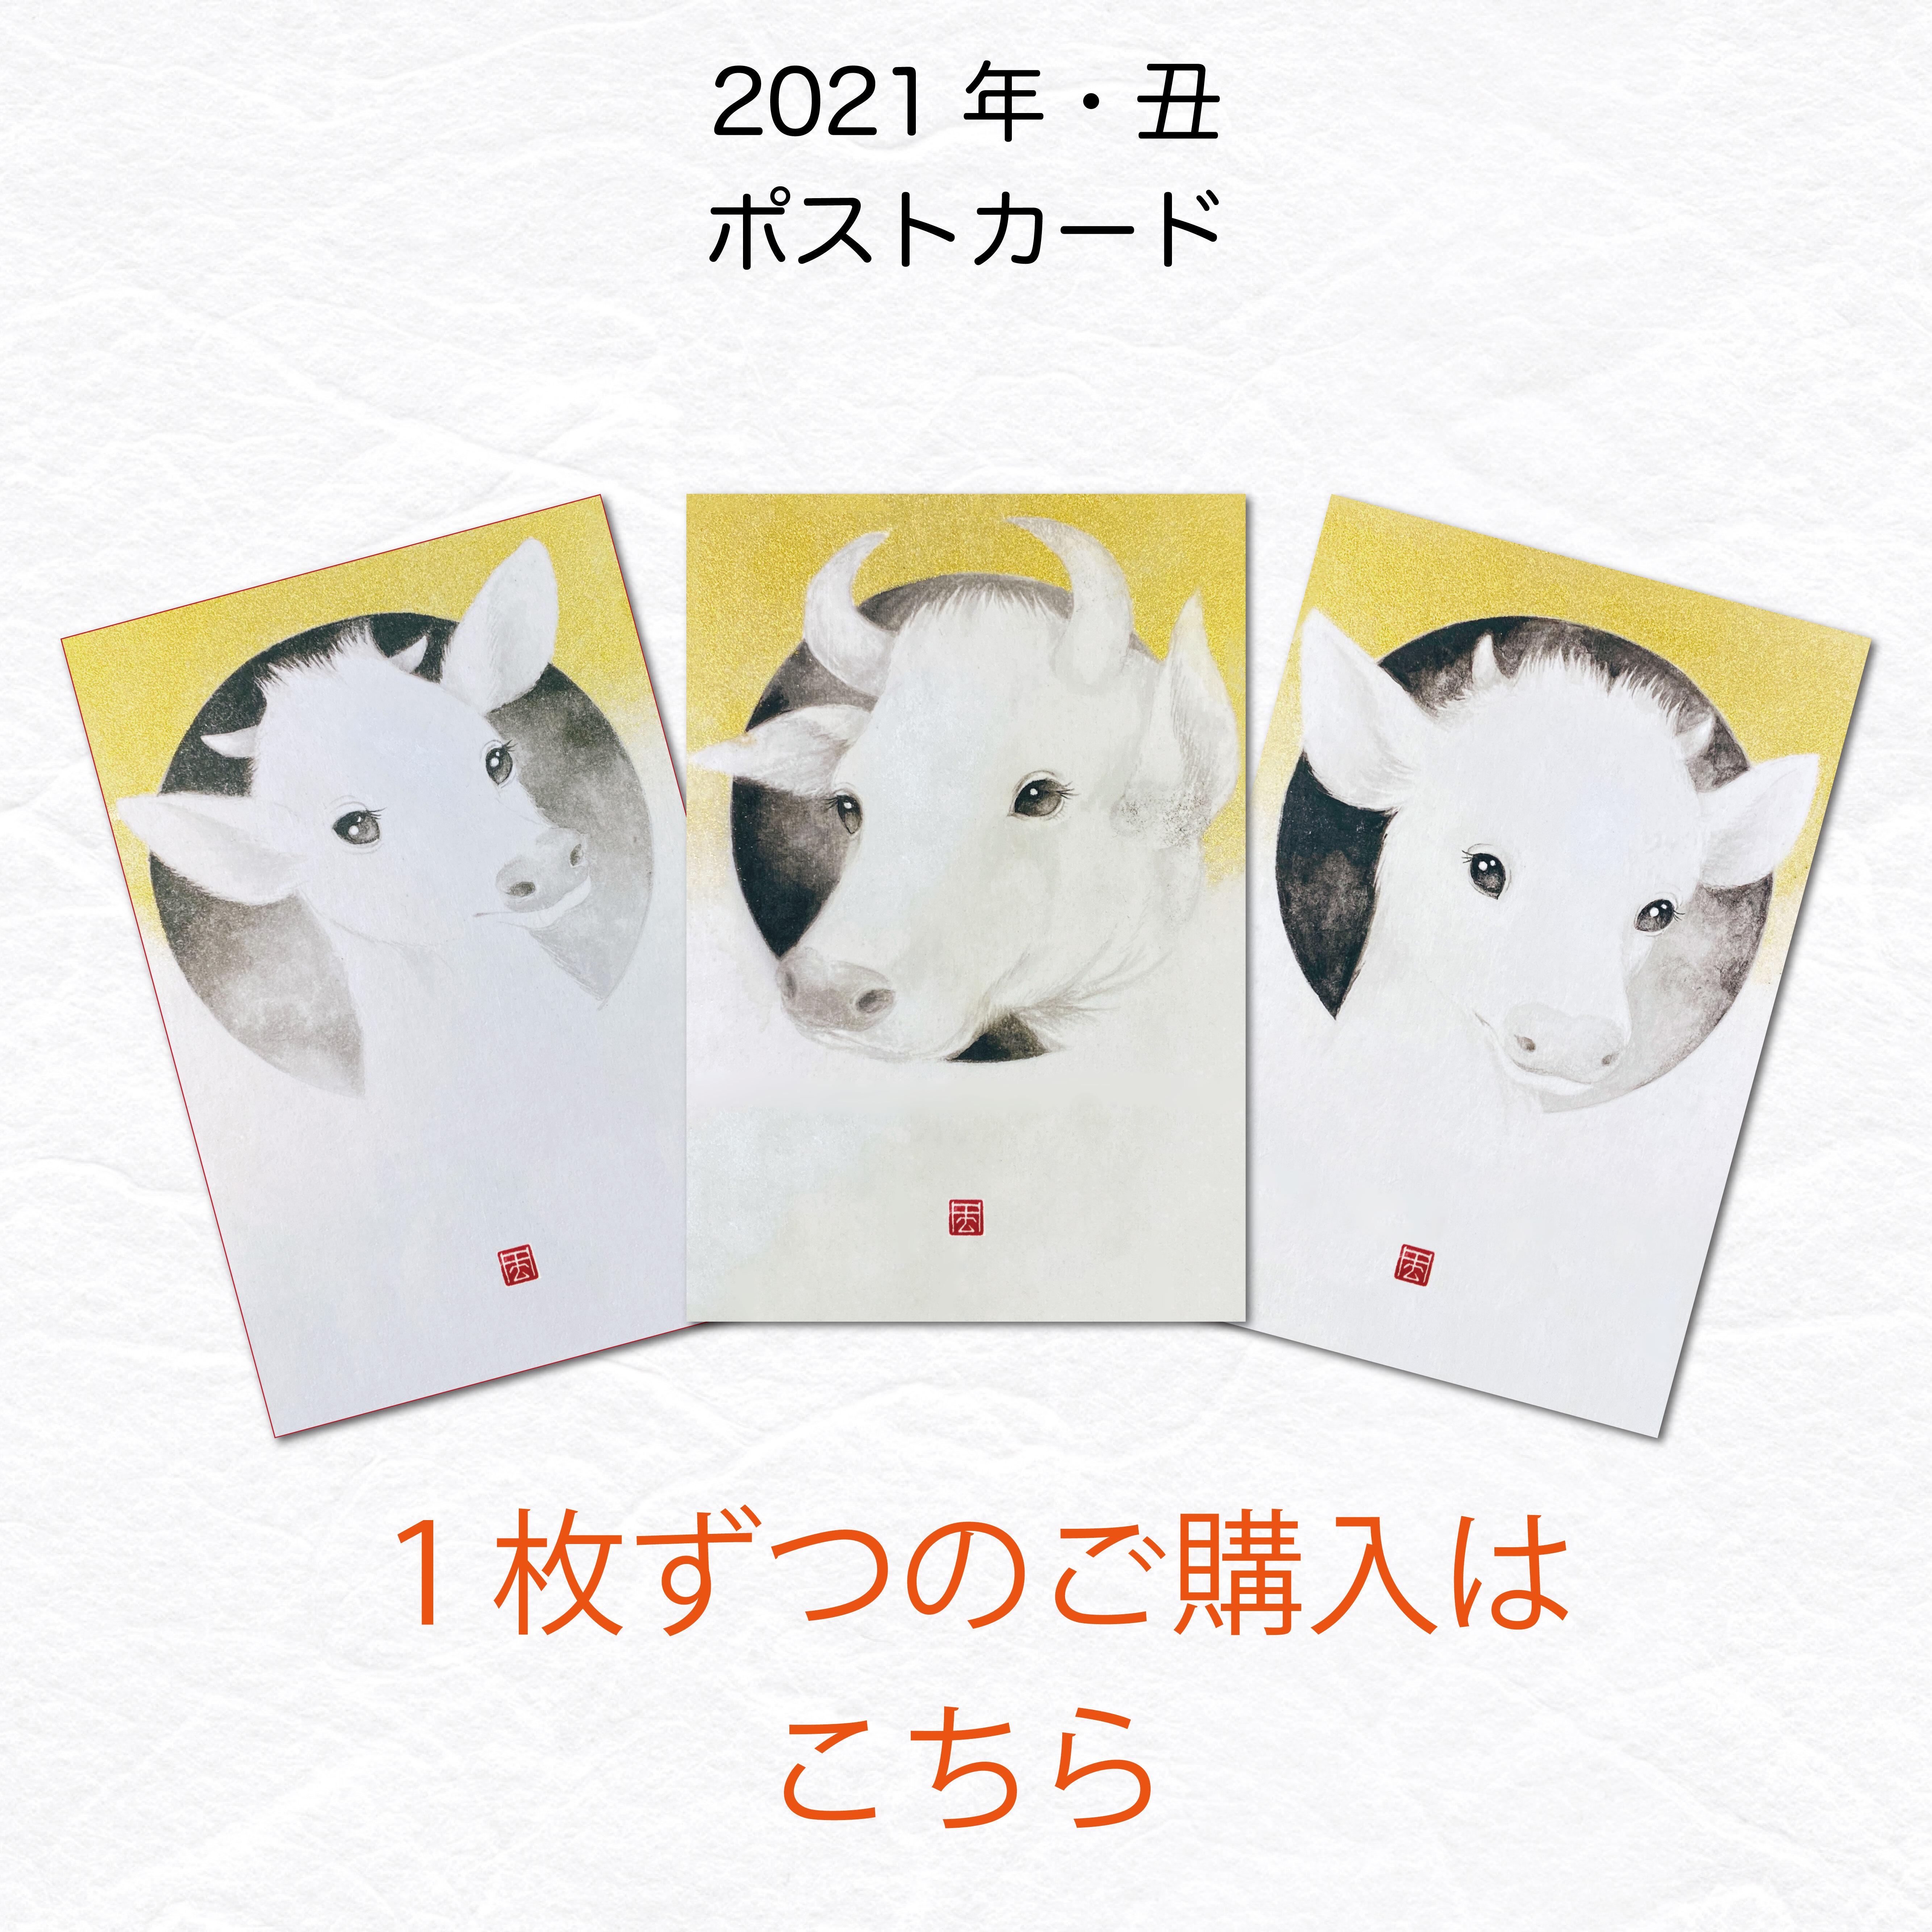 2021年 ポストカード・年賀状 丑